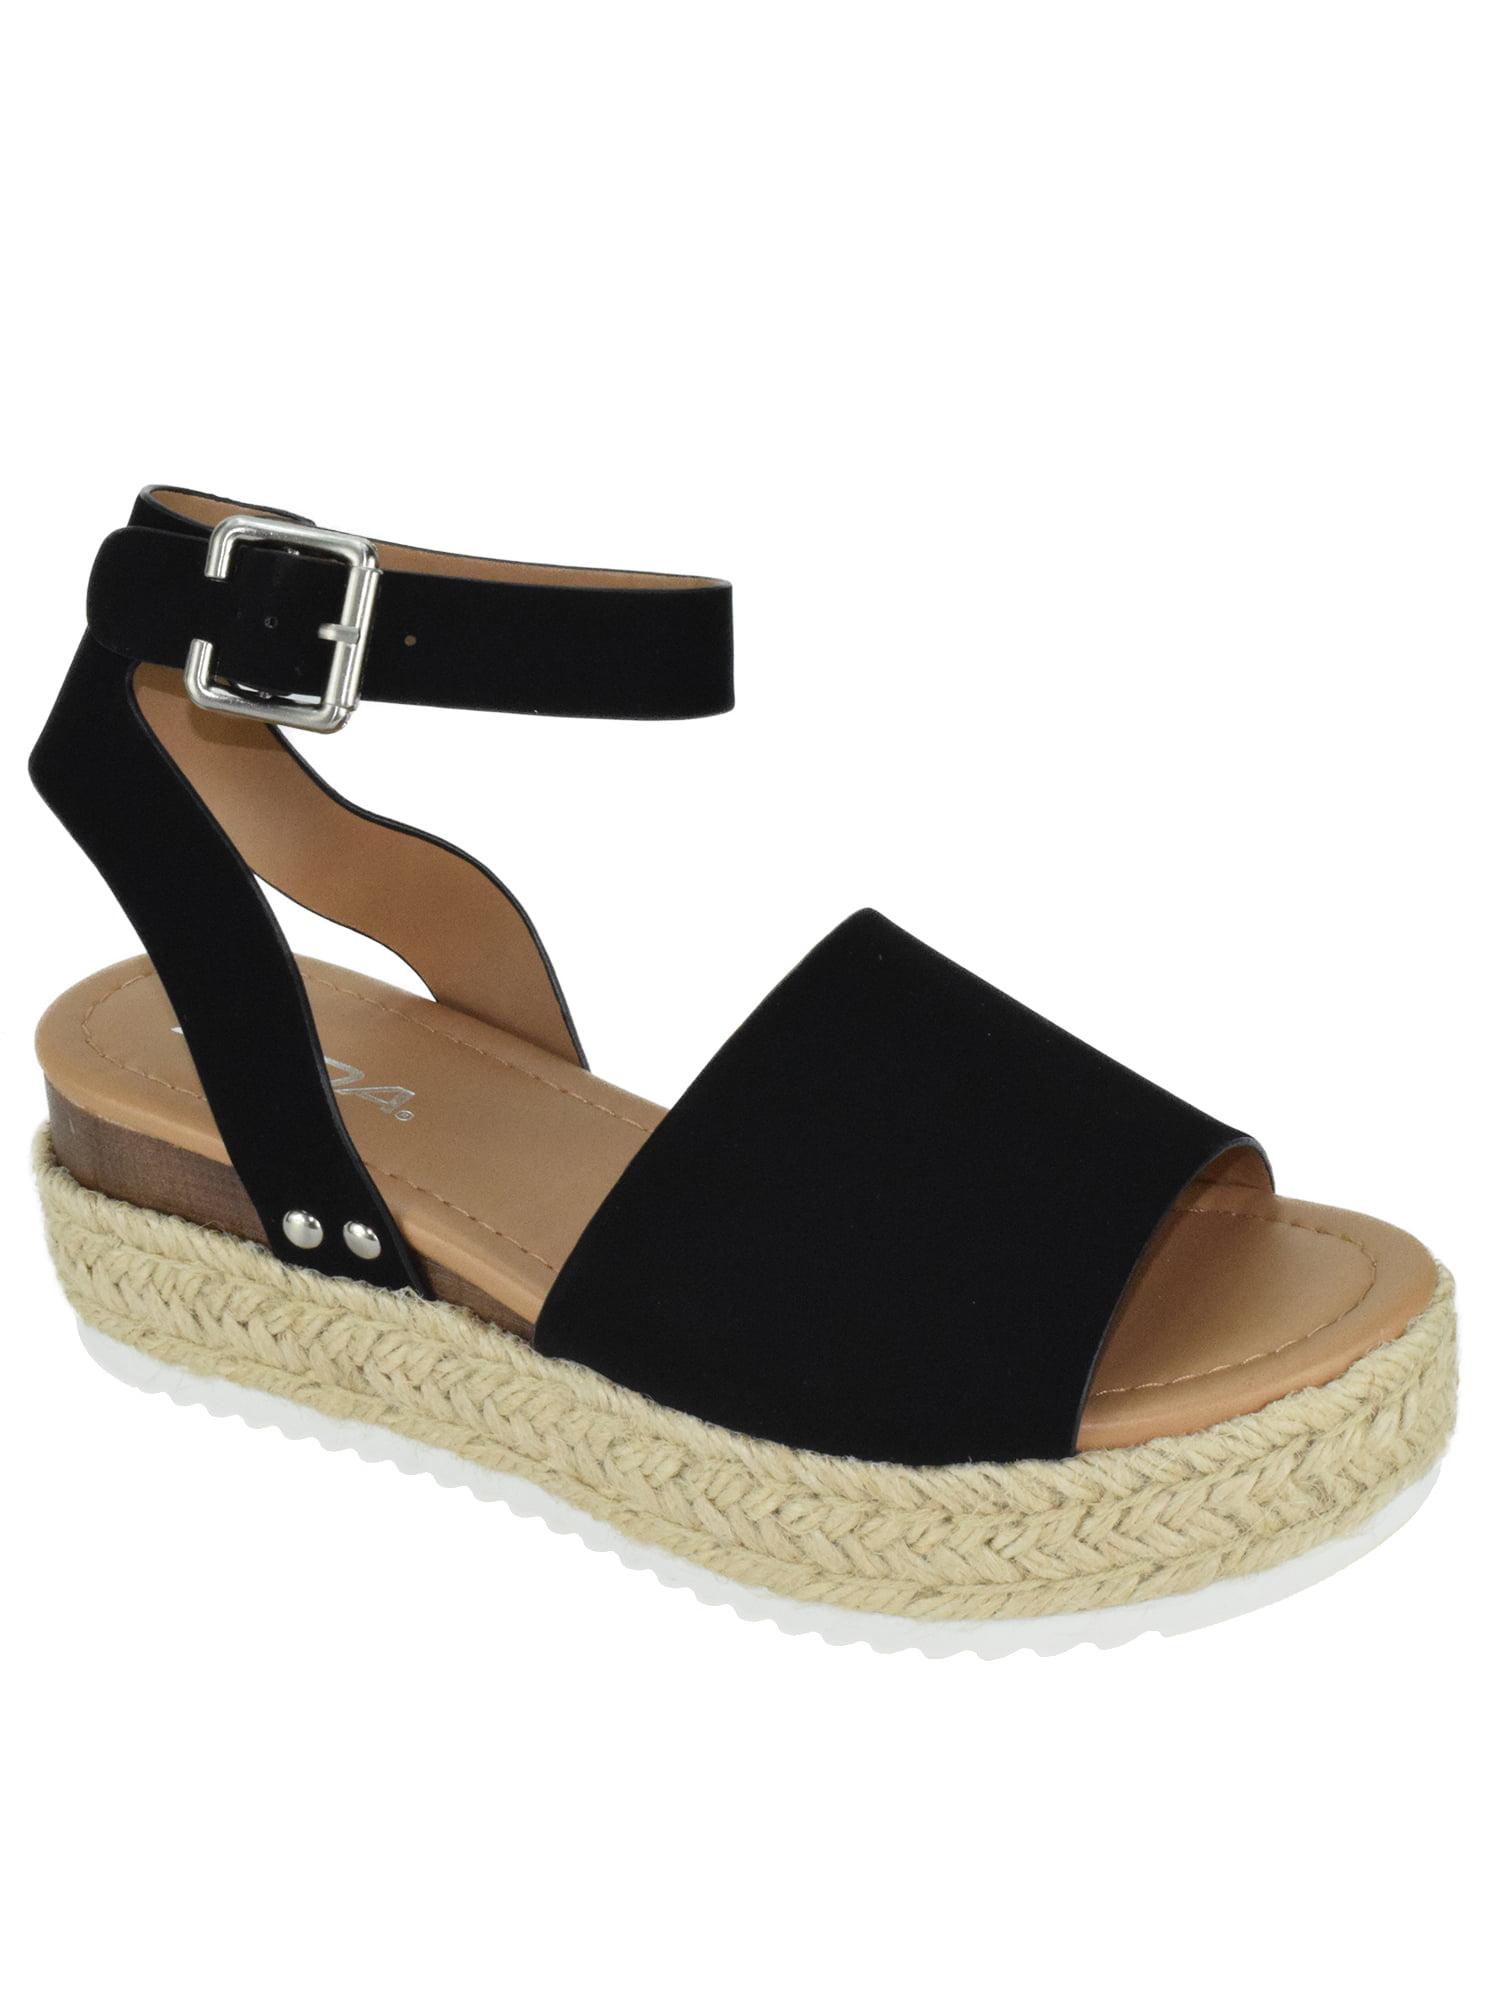 Soda Women Wedge Sandals Open Toe Ankle